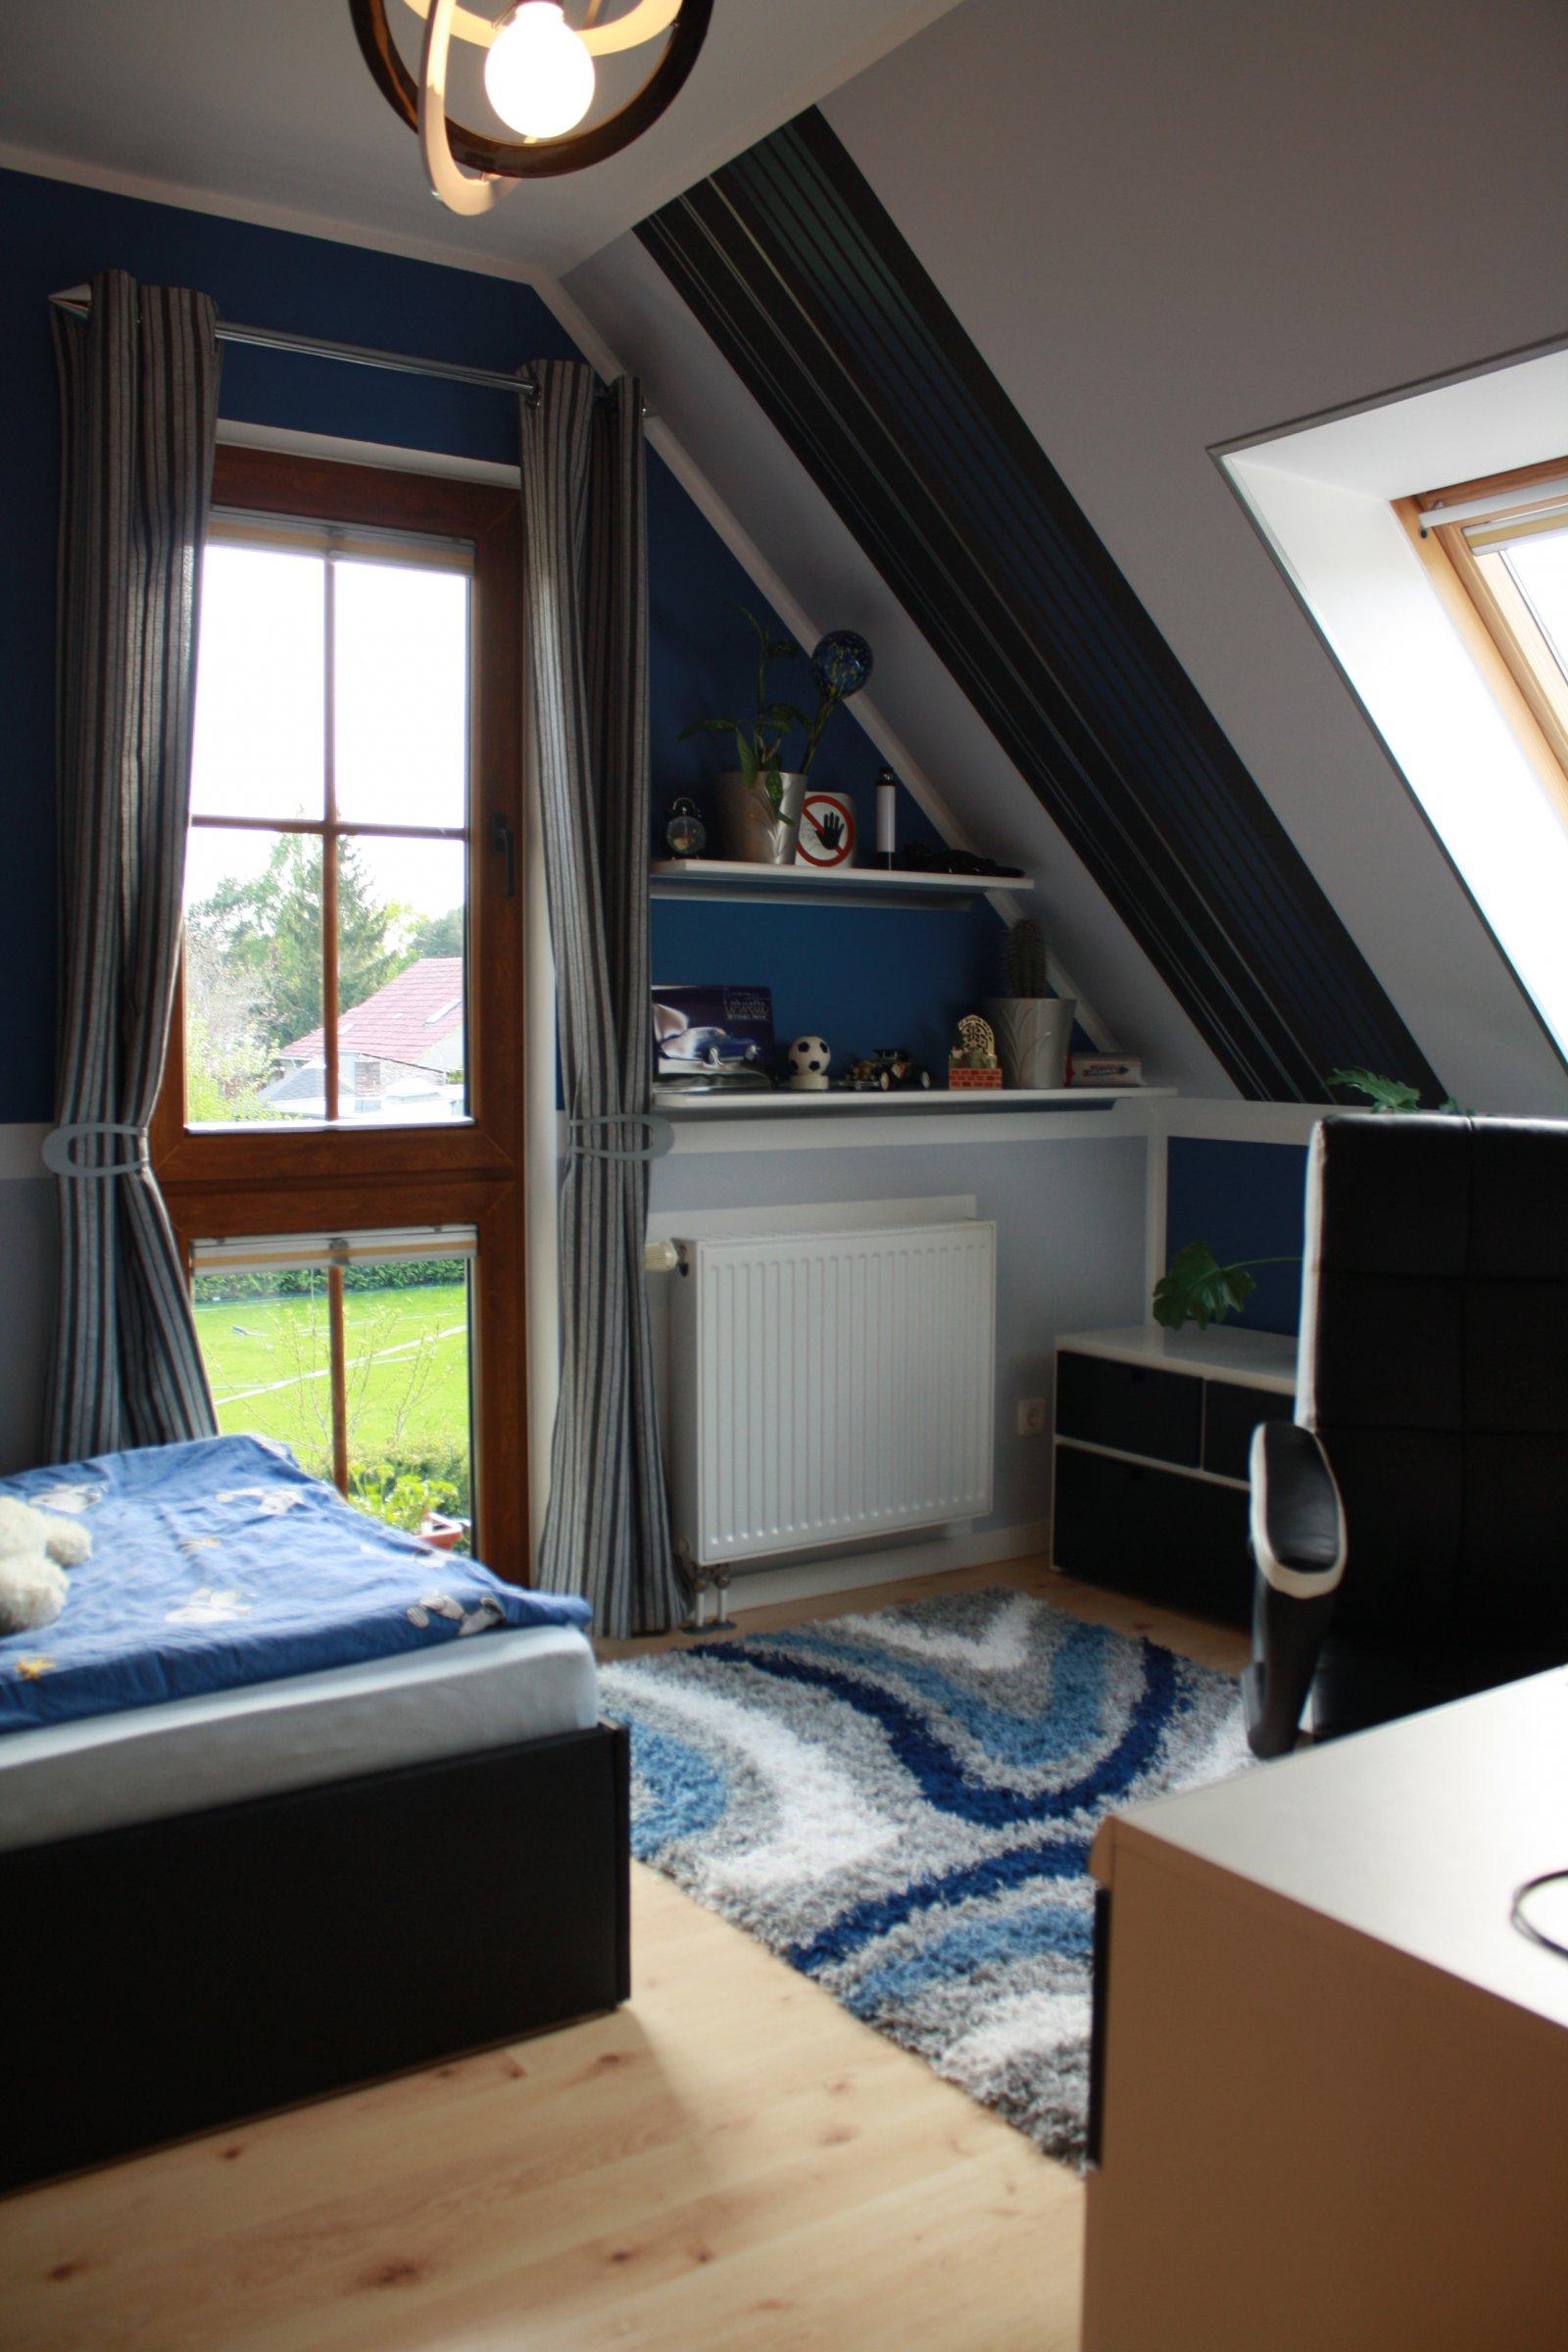 Kinderzimmer 39 jugendzimmer 39 landhaus zimmerschau - Landhaus kinderzimmer ...